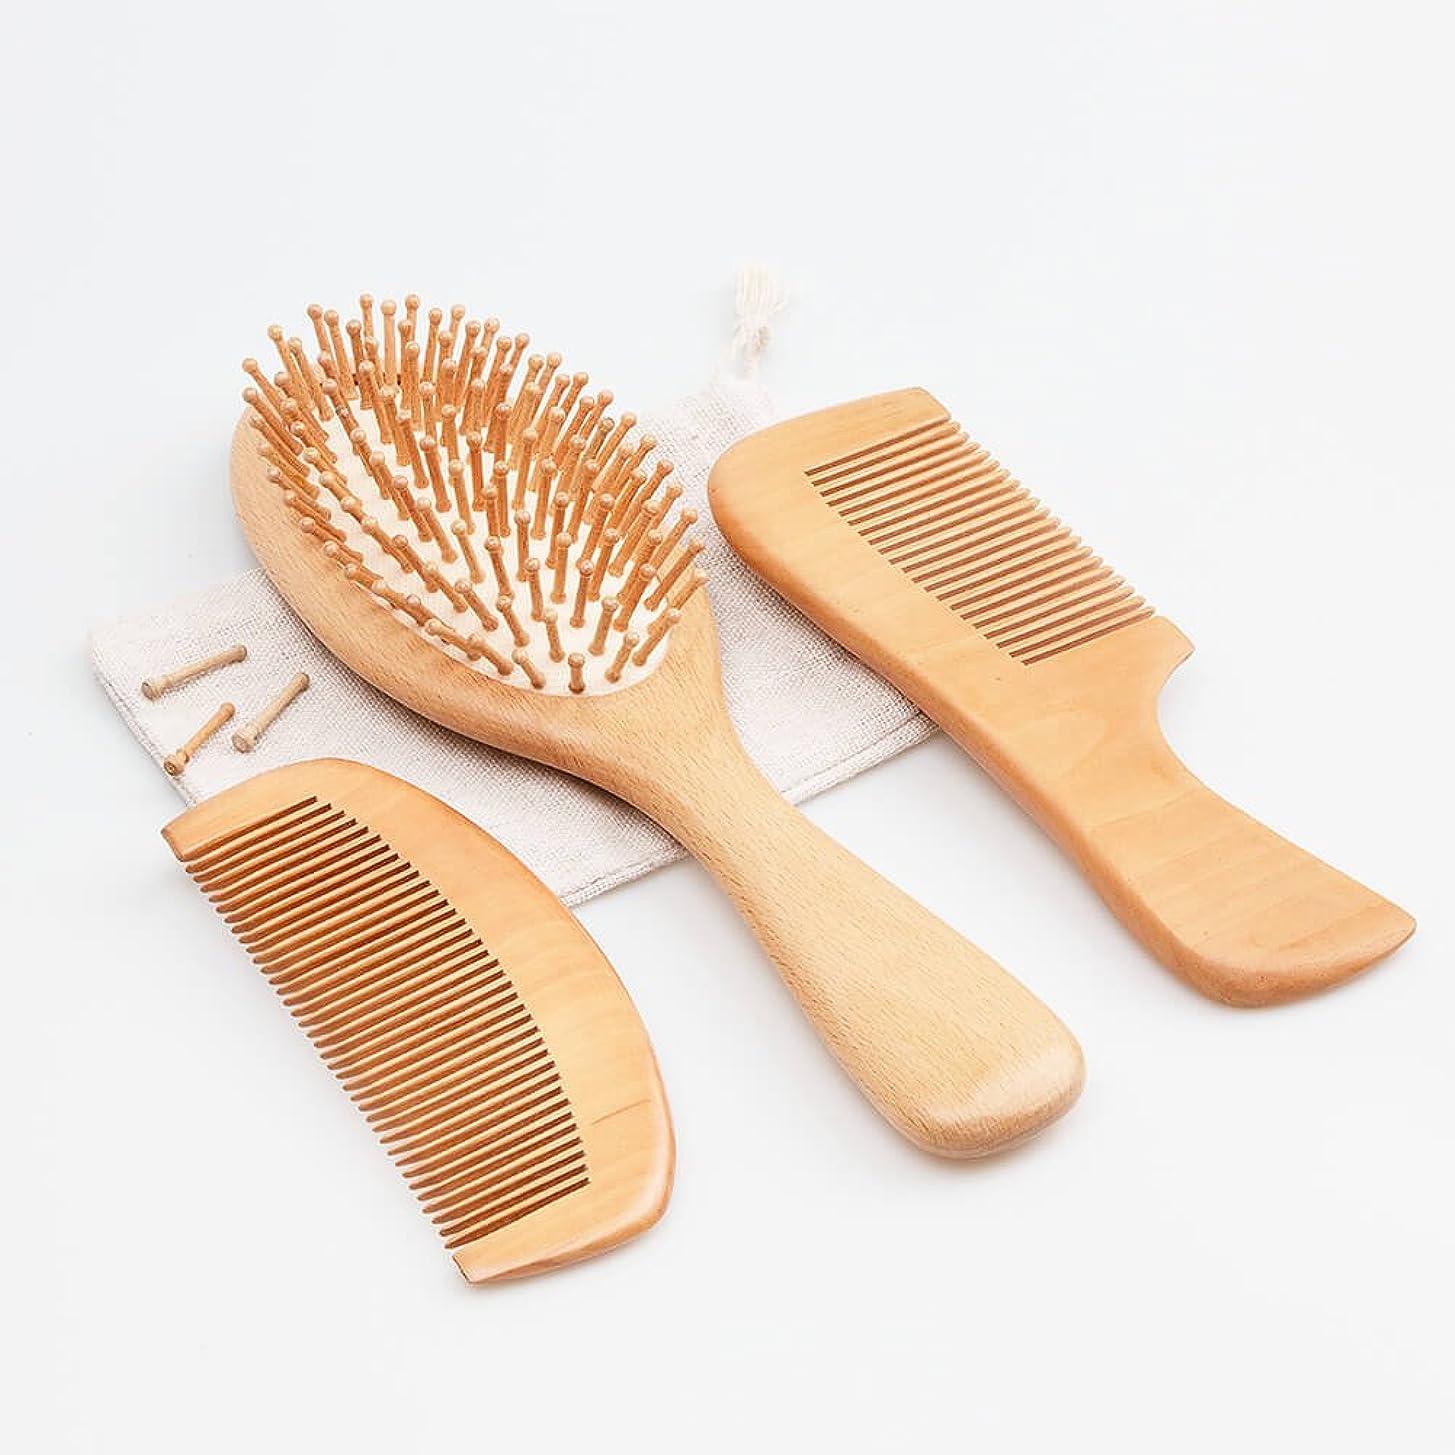 推進側面農夫ヘアブラシ くし 天然木製シリカゲルマッサージ クッション櫛セット ヘアケア頭皮マッサージ 薄毛改善 血行促進 髪艶